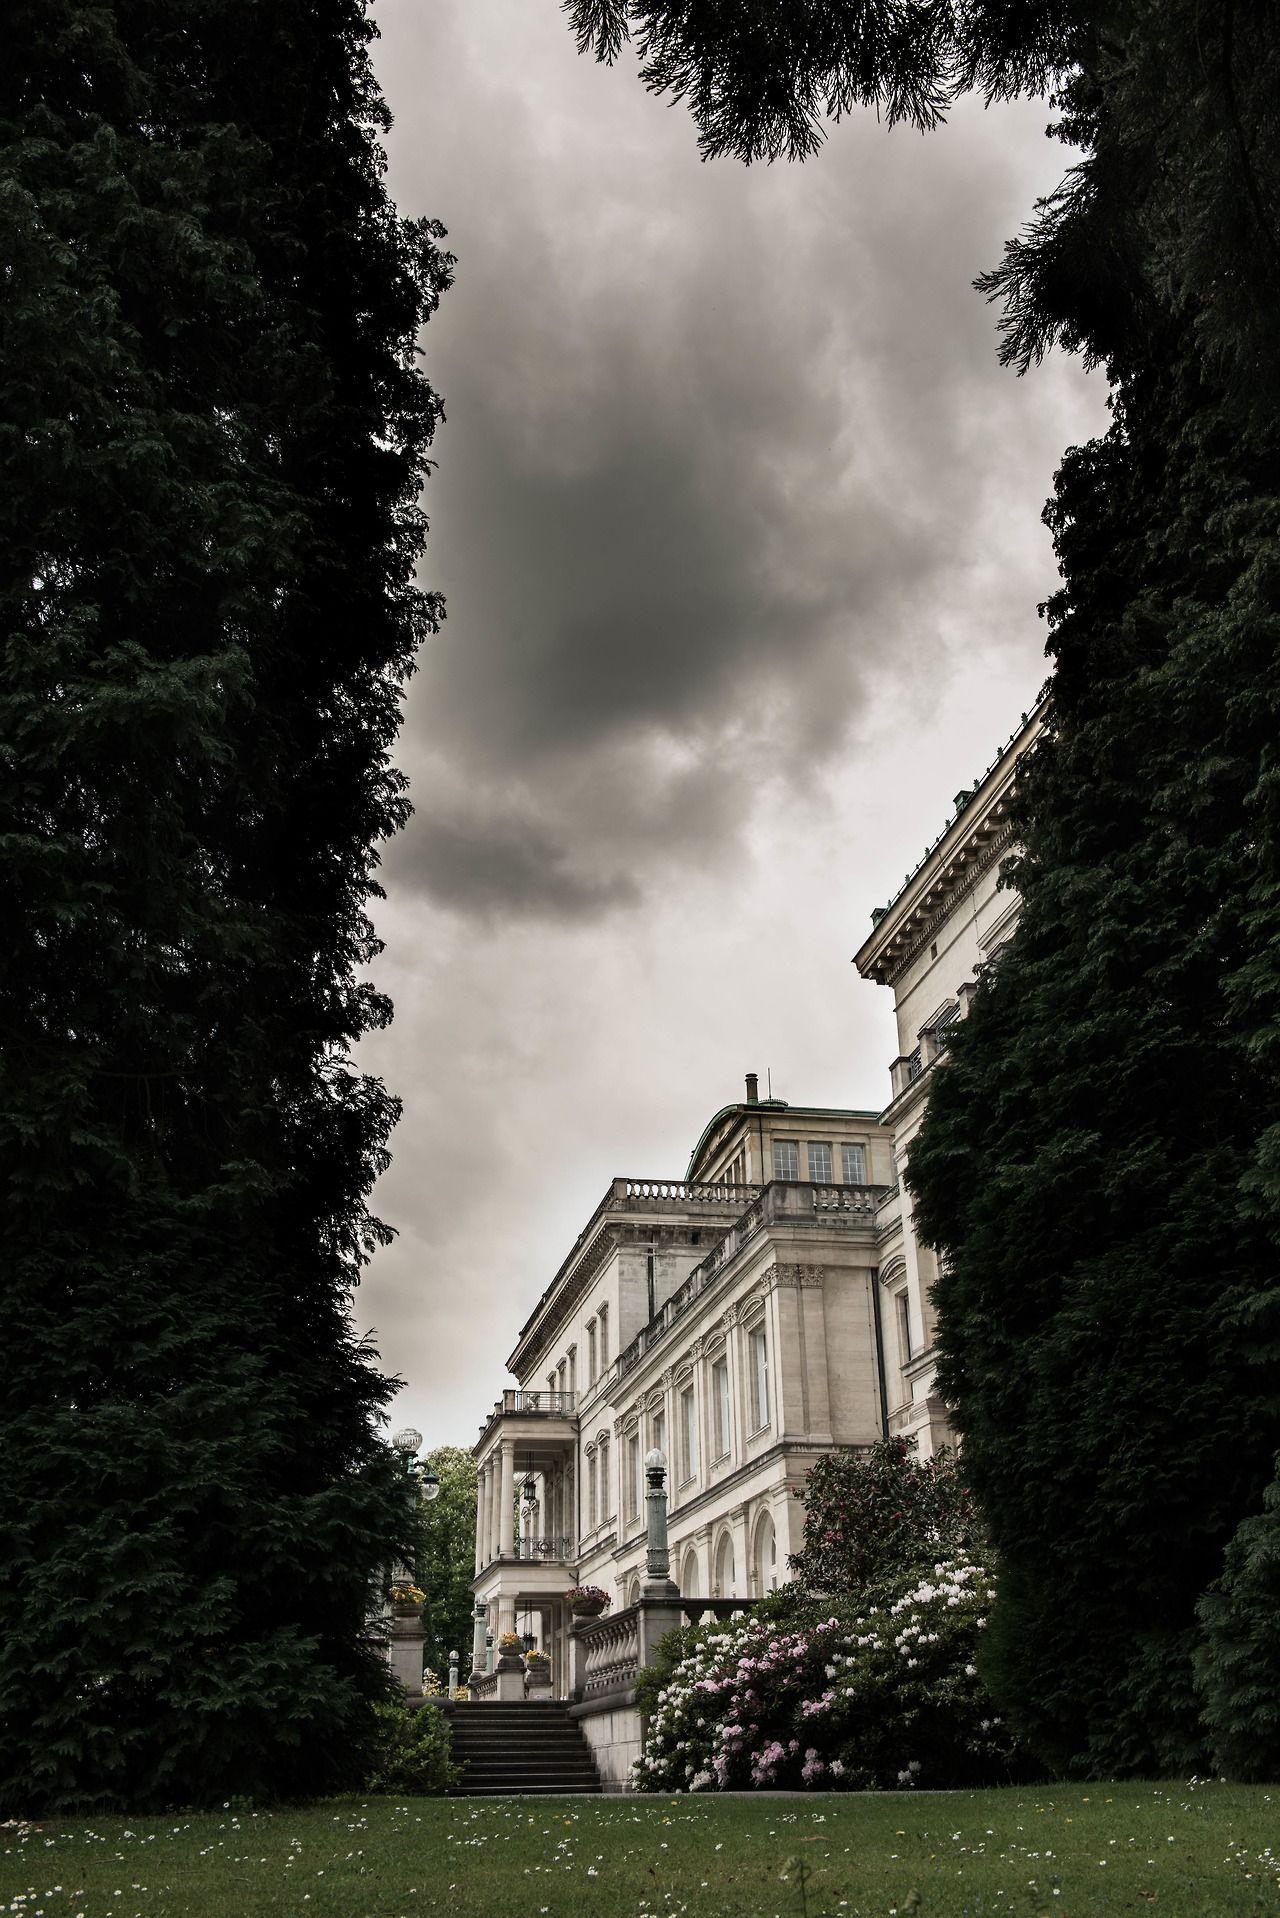 Villa Hügel in Essen, Germany Villa hügel, Stadt essen